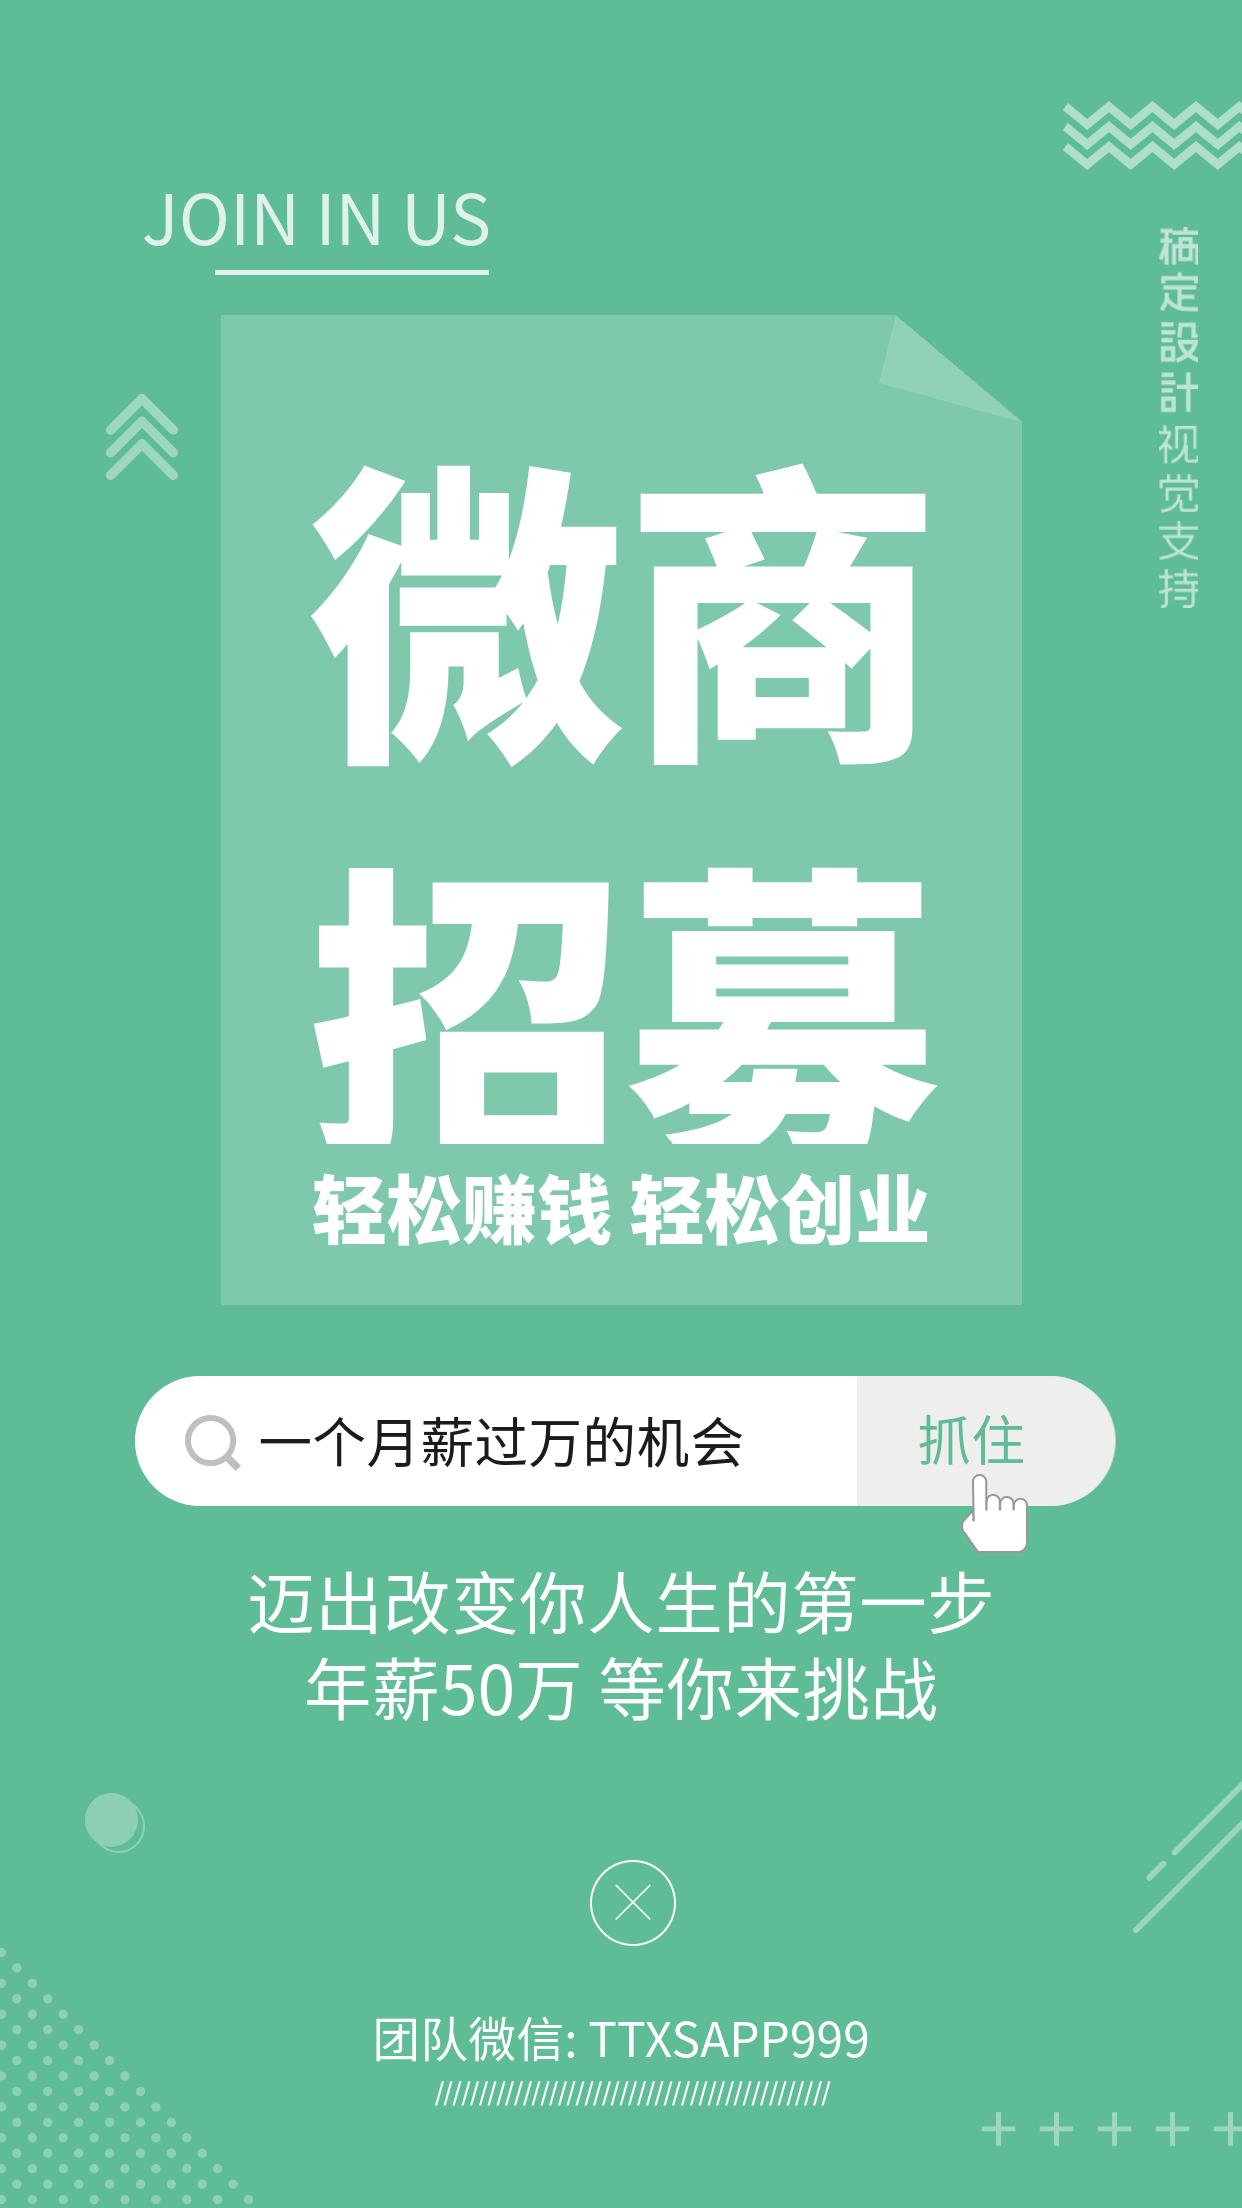 微商招募海报